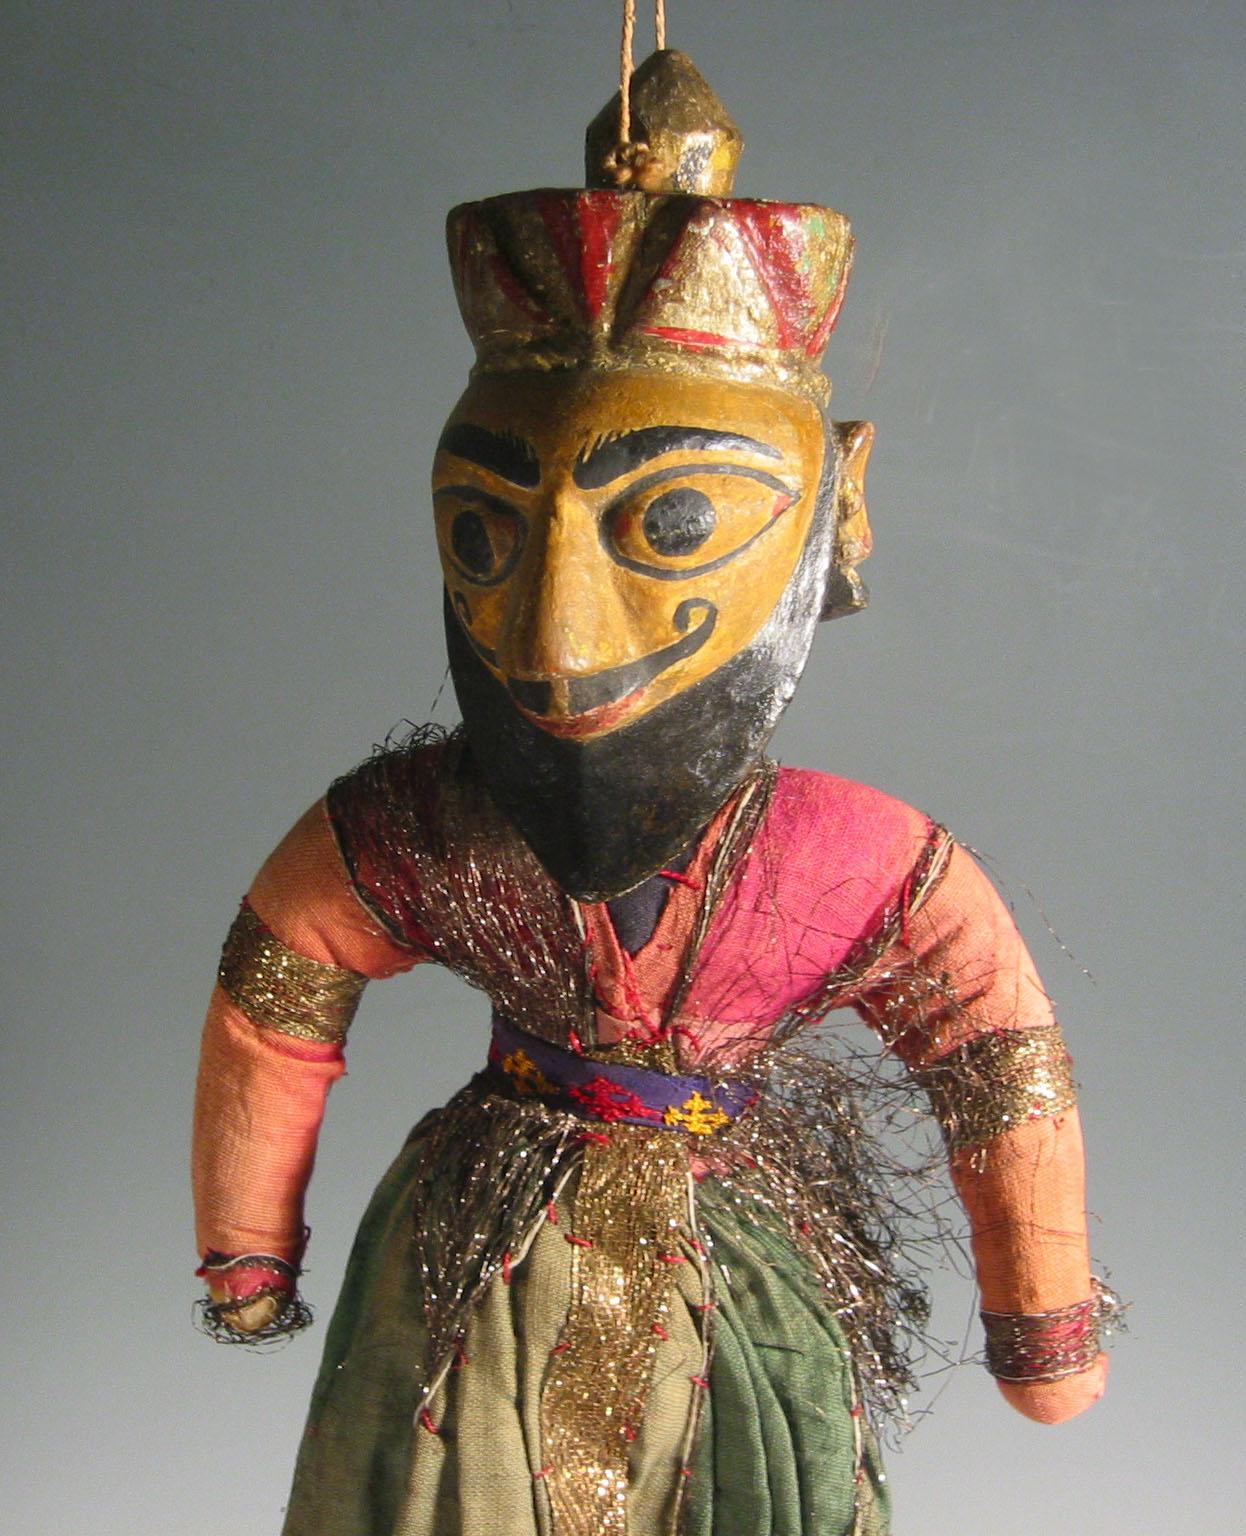 Un détail, un guerrier-<em>c</em>ourtisan moghol, une marionnette à fils, <em>kathputli</em>, du Rajasthan, en Inde, hauteur : 60 <em>c</em>m. Colle<em>c</em>tion : Center for Puppetry Arts (Atlanta, Géorgie, États-Unis). Photo réproduite avec l'aimable autorisation de Center for Puppetry Arts